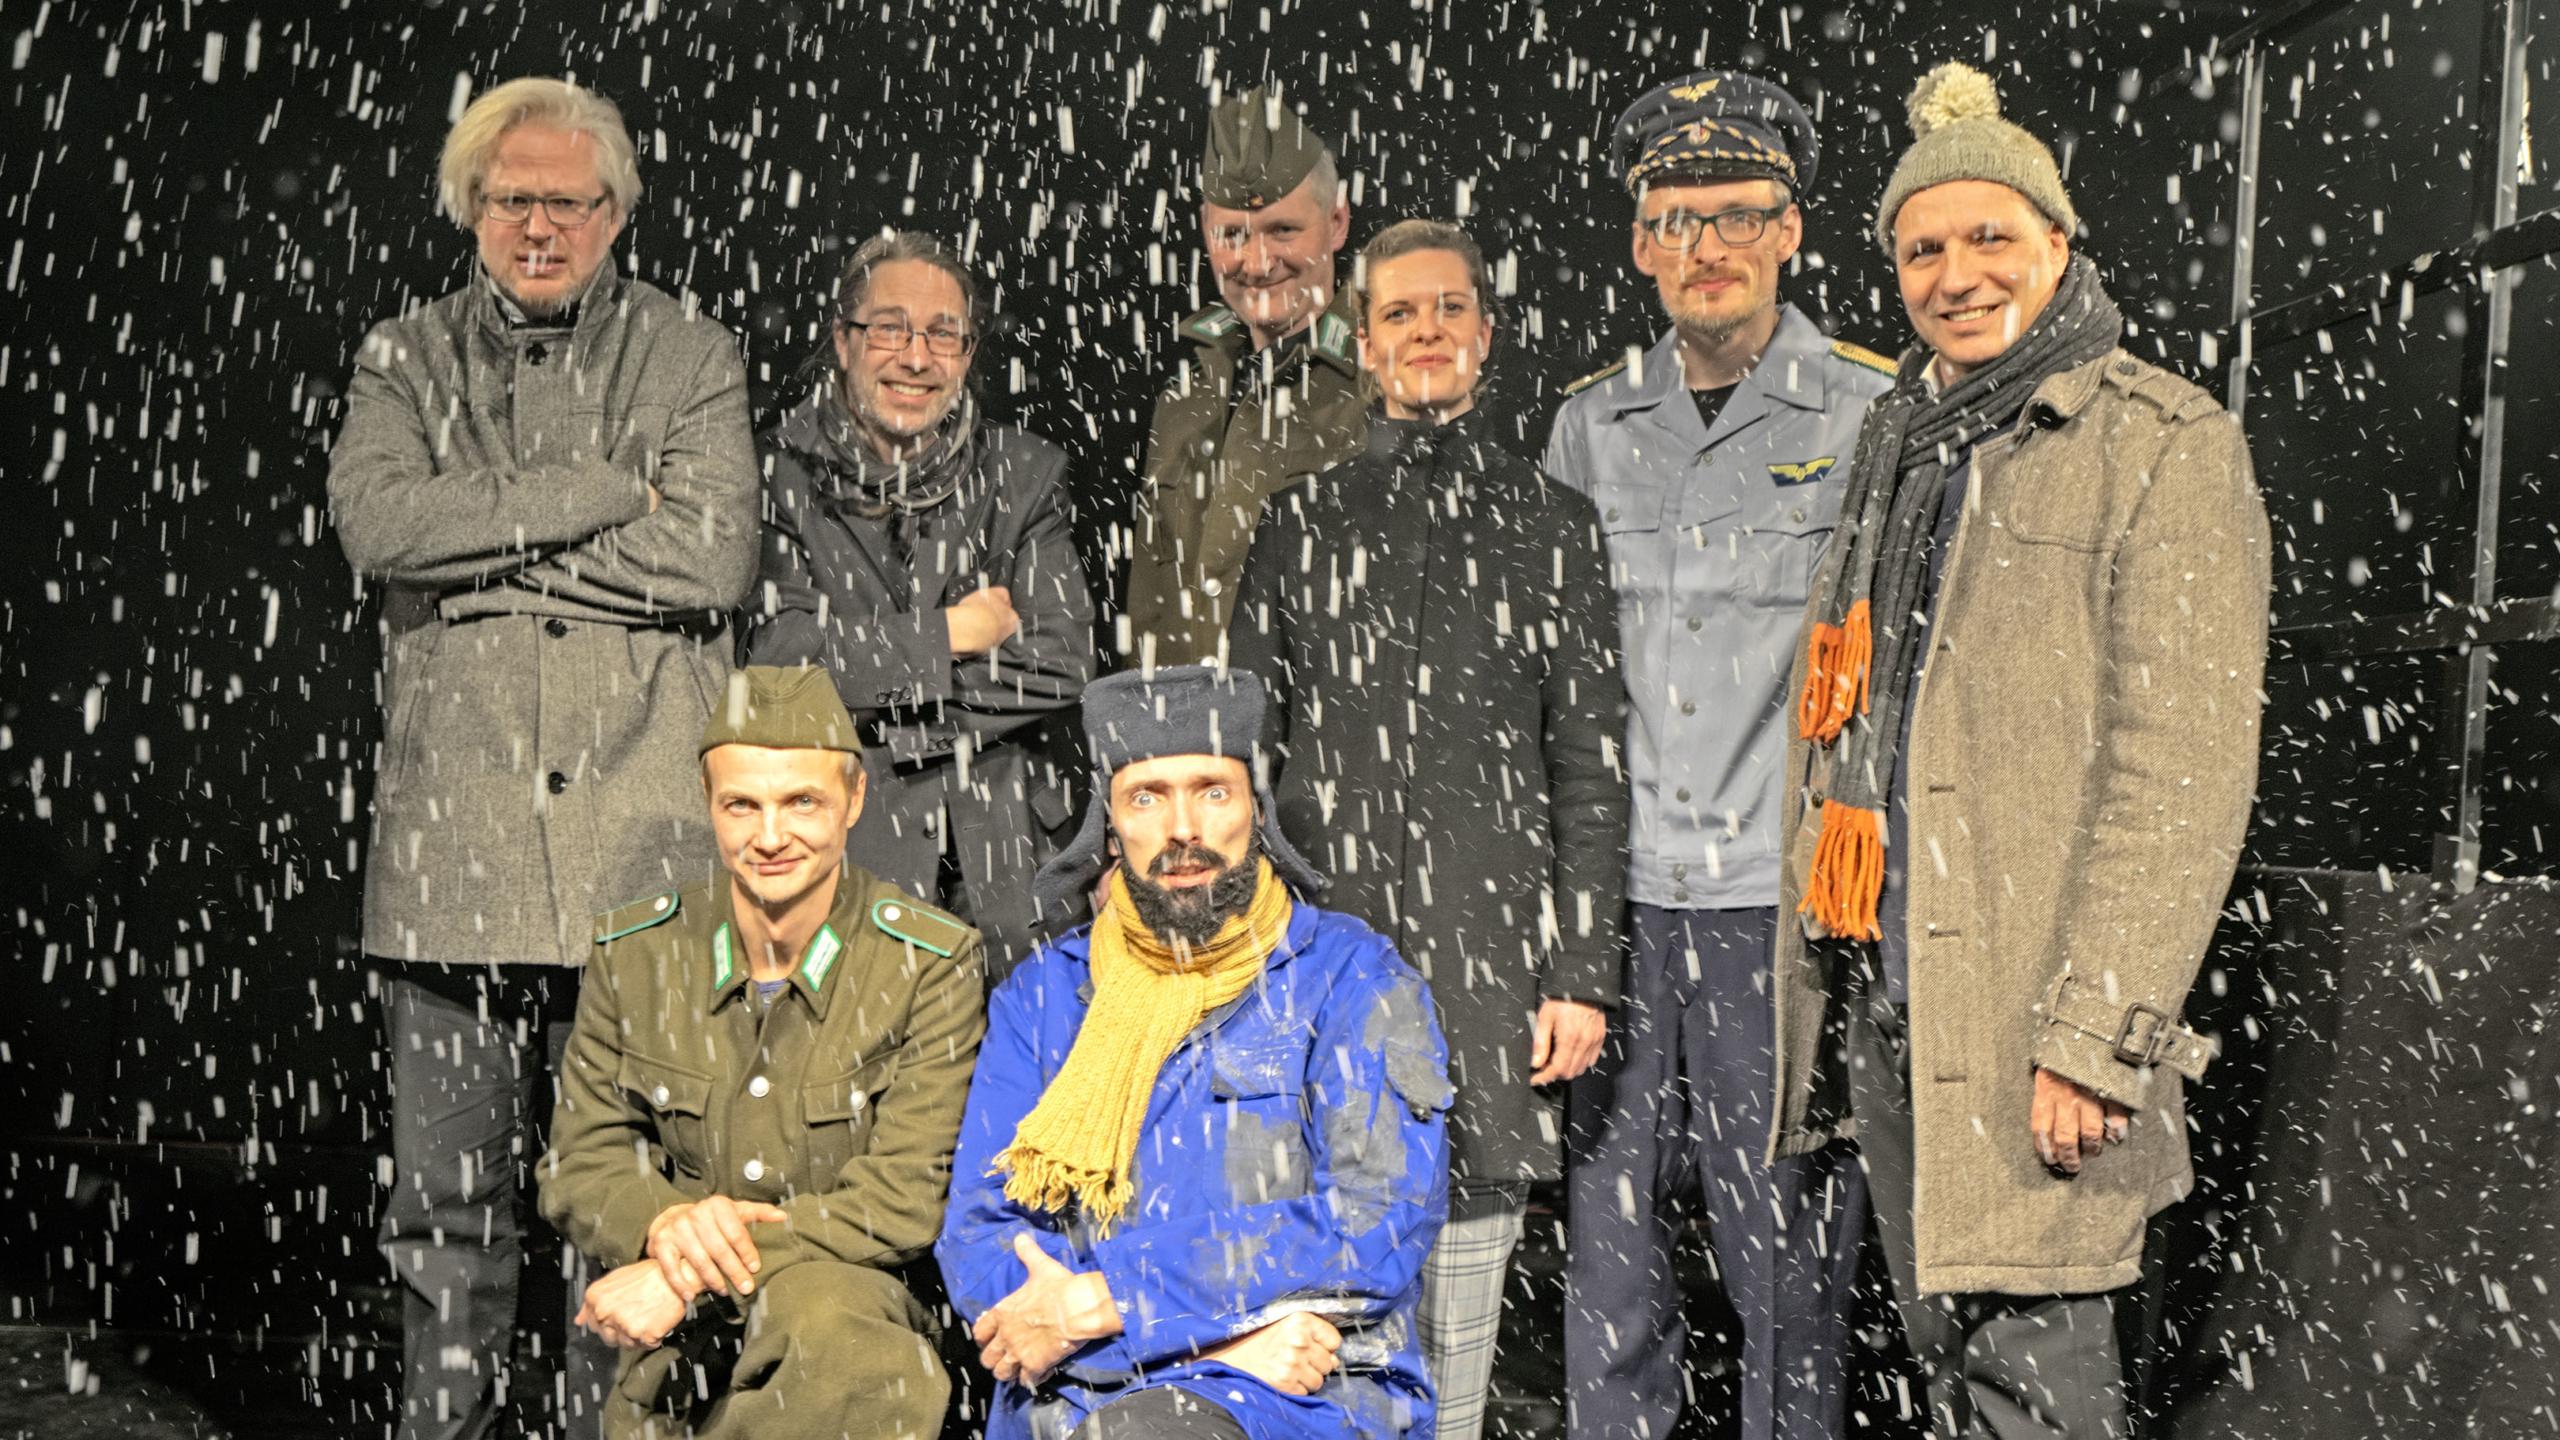 14 AdolfSüdknechtDieStasi Copyright2019 FotoMariaNotacker AlleRechteVorbehalten SieheMetadaten scaled